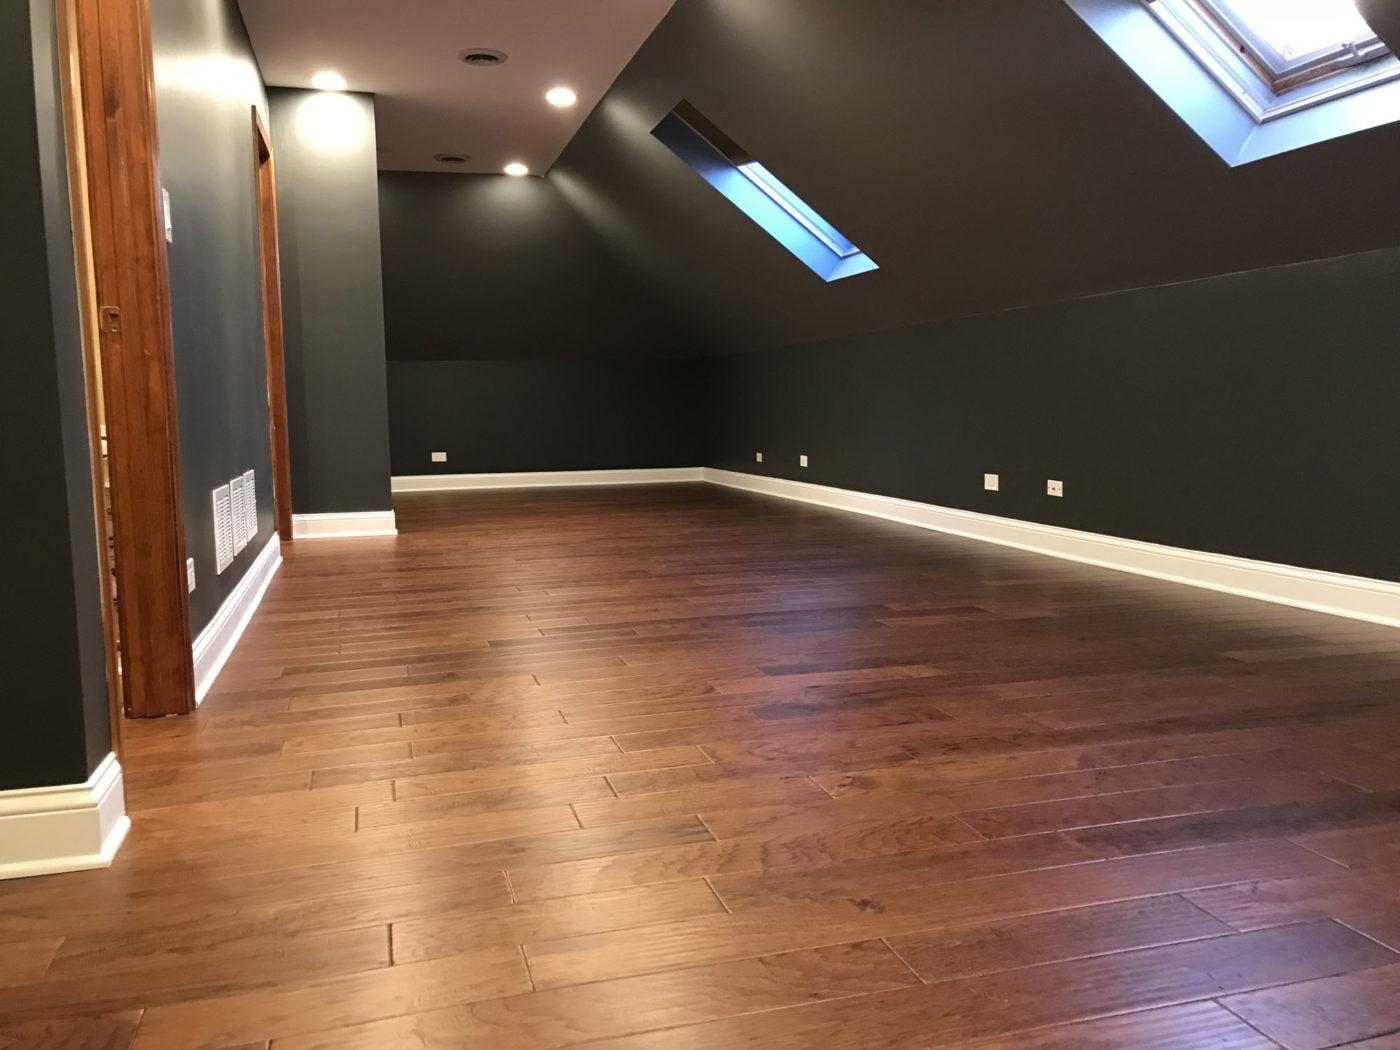 Bathroom Remodeling in South Barrington - hardwood flooring